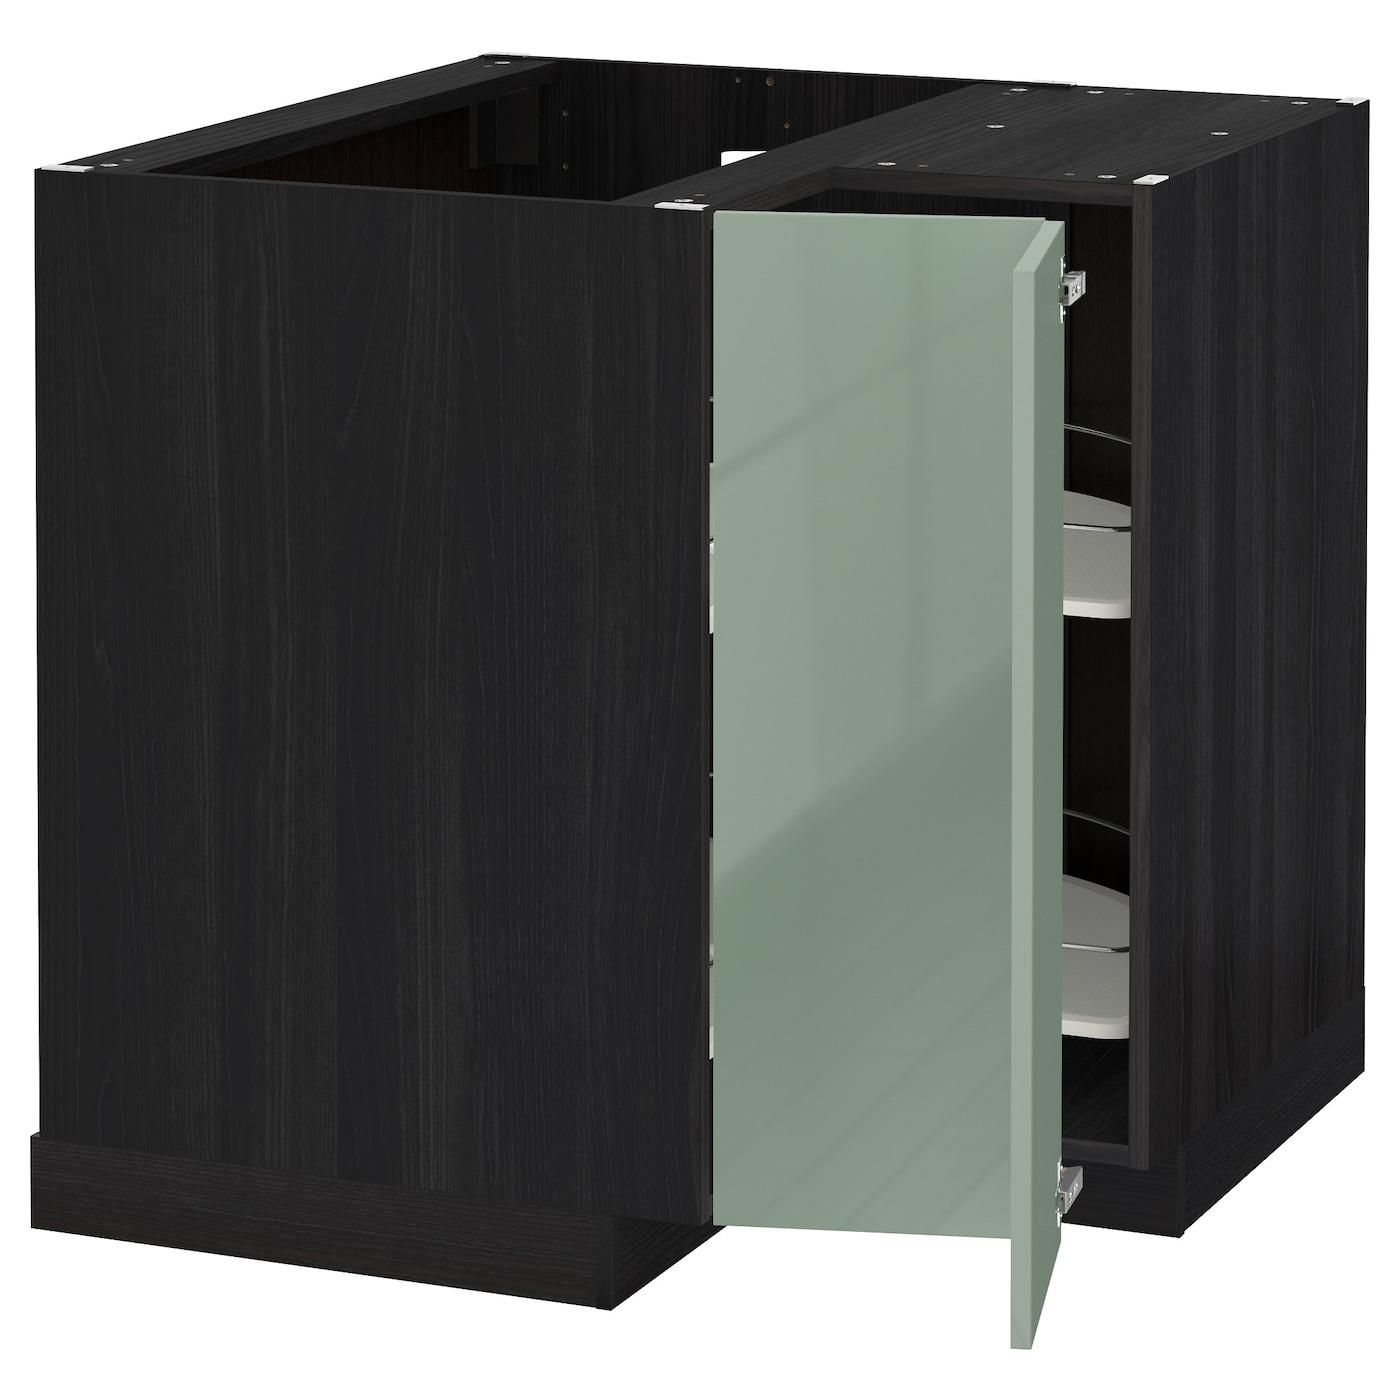 METOD Corner Base Cabinet With Carousel Black/kallarp